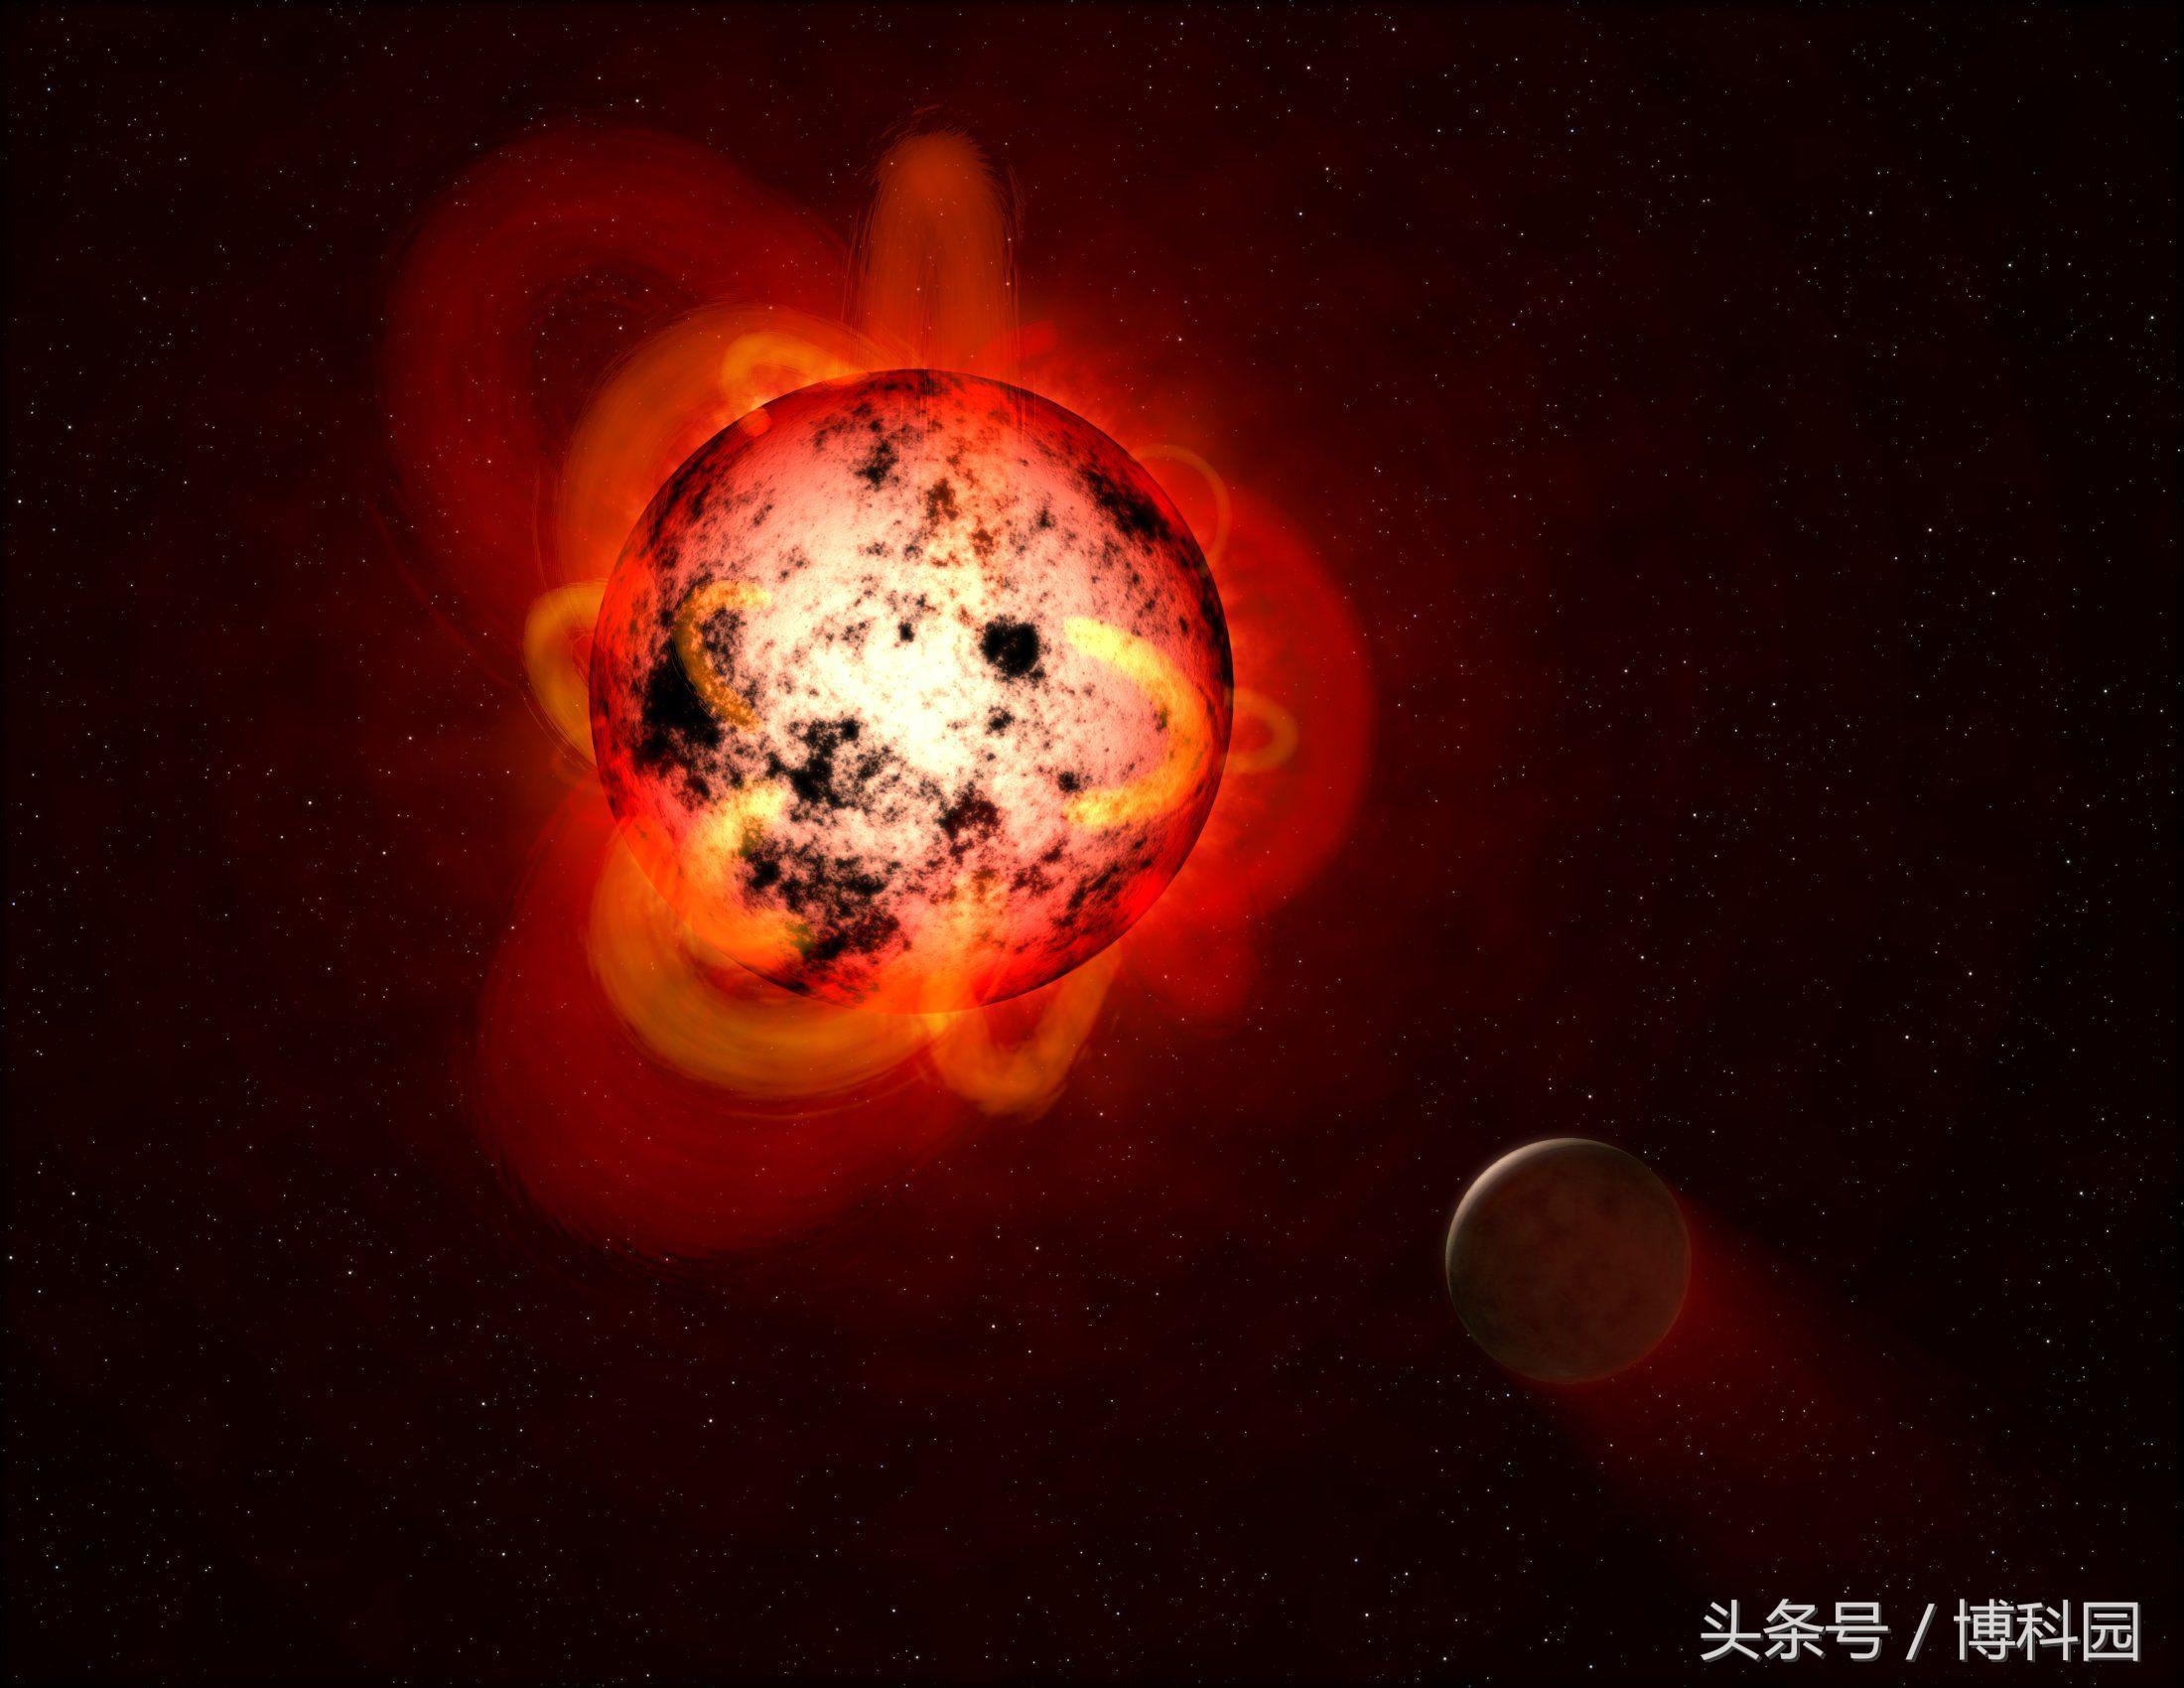 X射线能摧毁宜居行星?地球2.0是否难以寻找